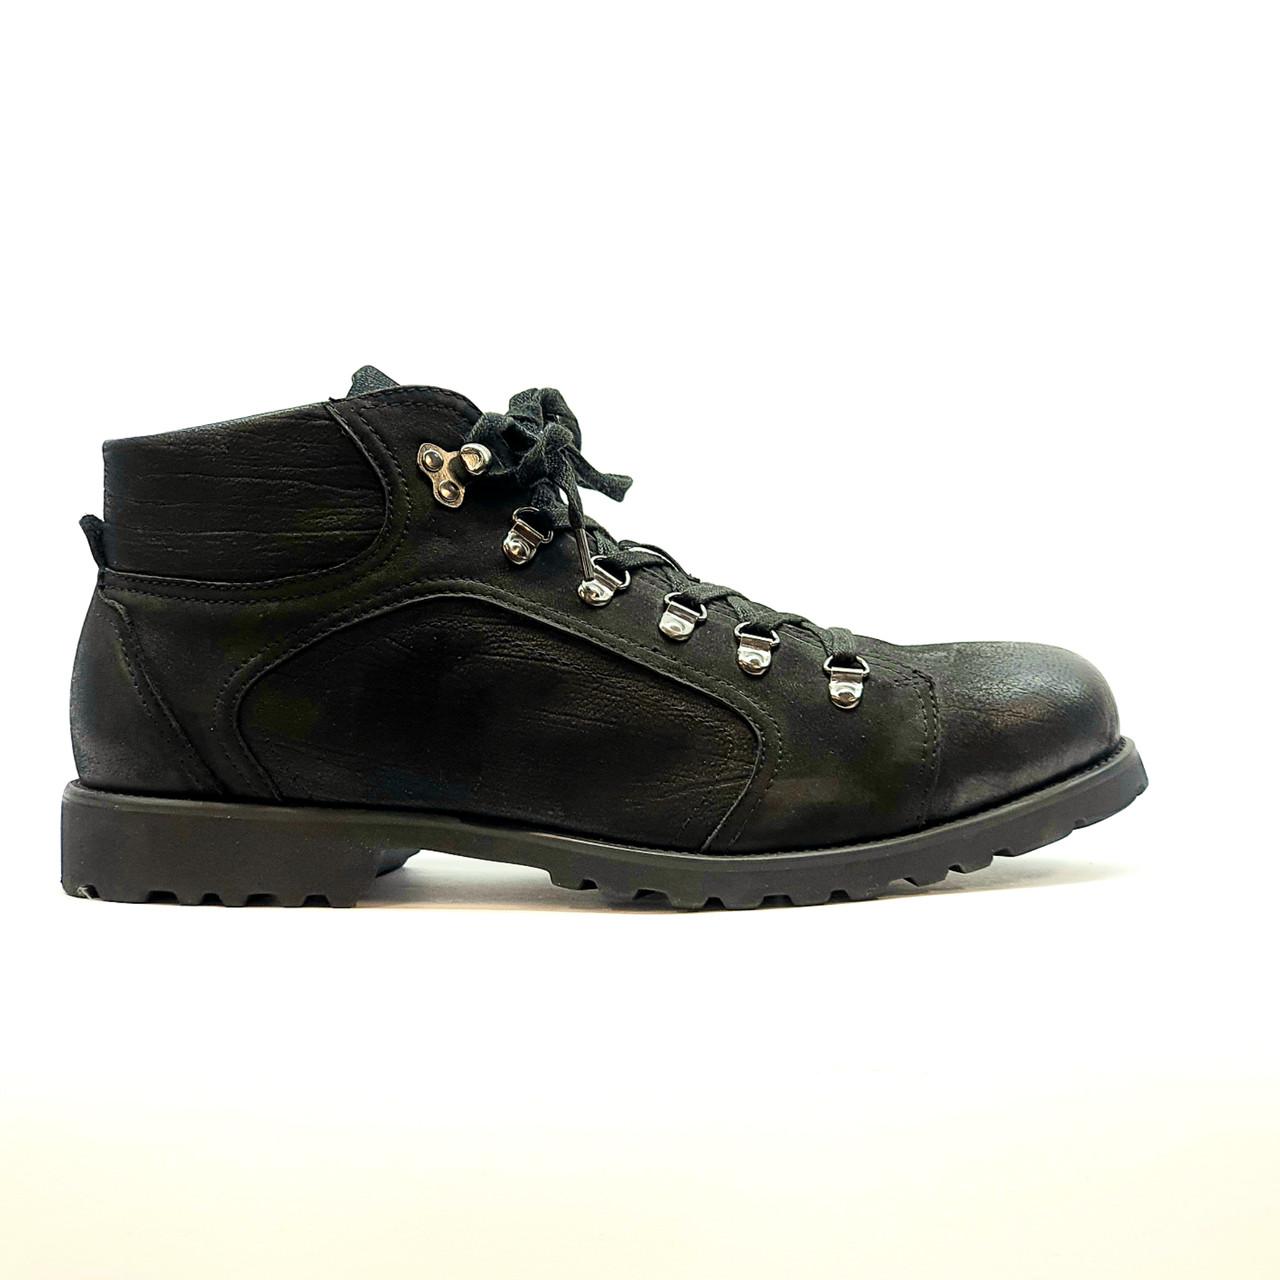 Ботинки зимние мужские повседневные из натурального нубука с натуральным мехом черные